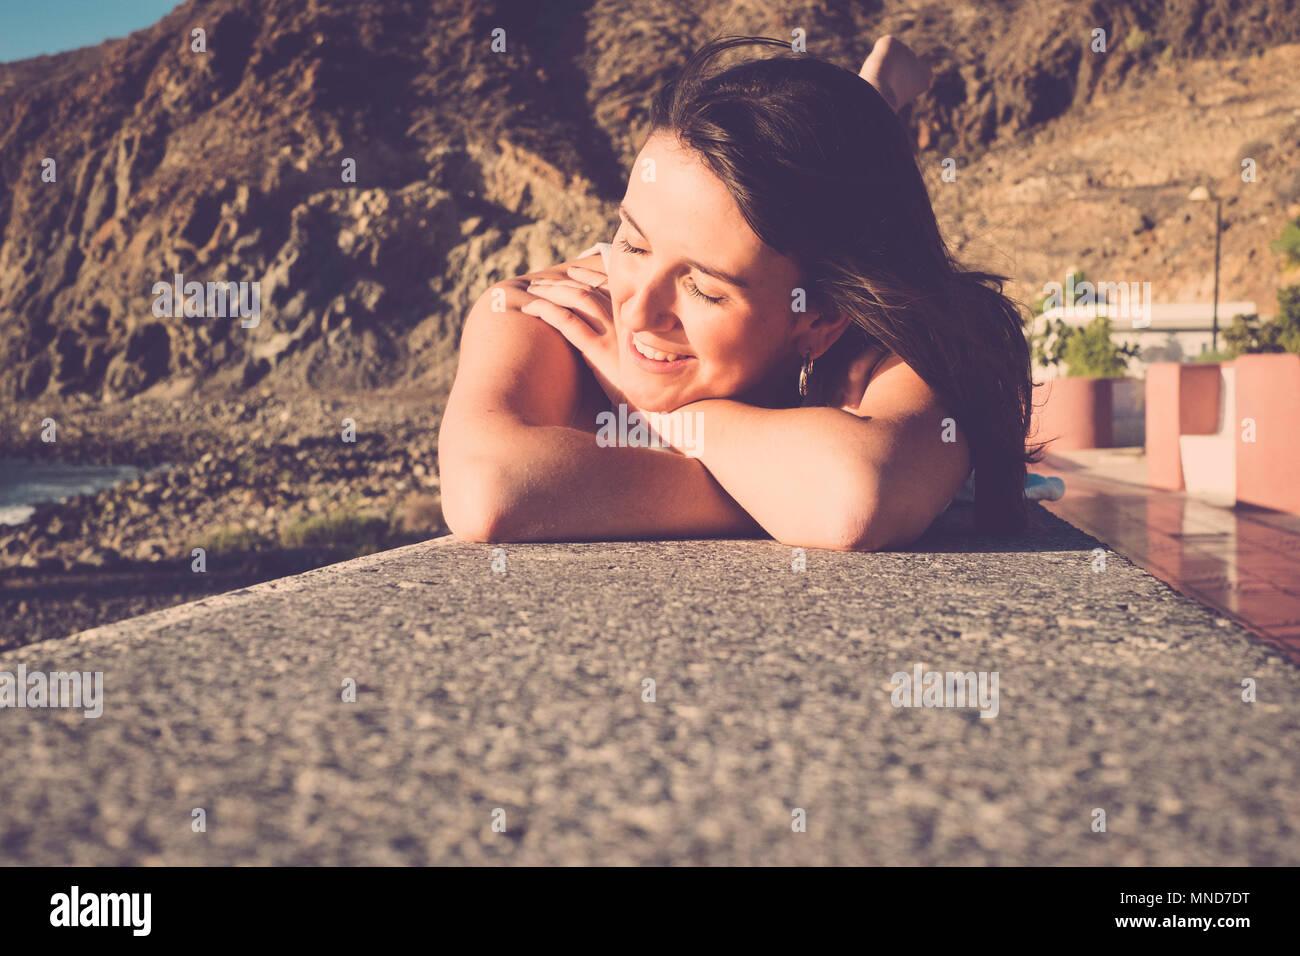 Les cheveux longs l'espagnol jeune femme erlaxing s'étendit sur un mur près de la plage. La lumière du soleil sur sa beauté visage, sourire et profiter du temps. Photo Stock